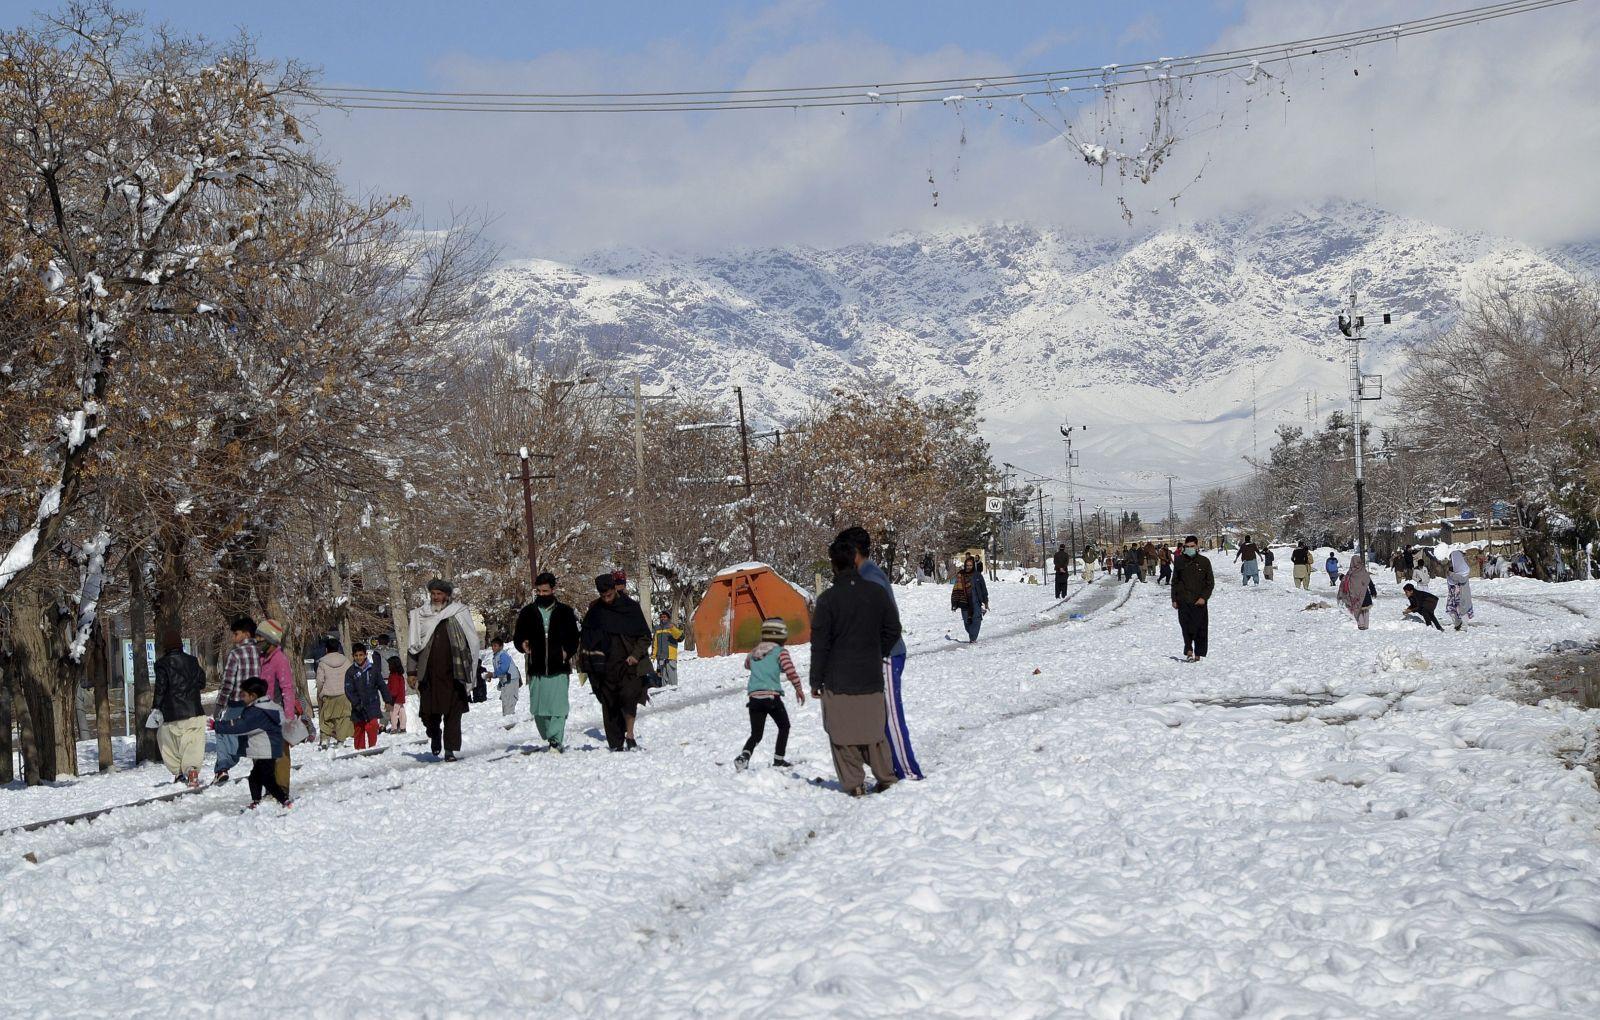 مصرع 105 أشخاص وإصابة 96 آخرين جراء الثلوج فى باكستان